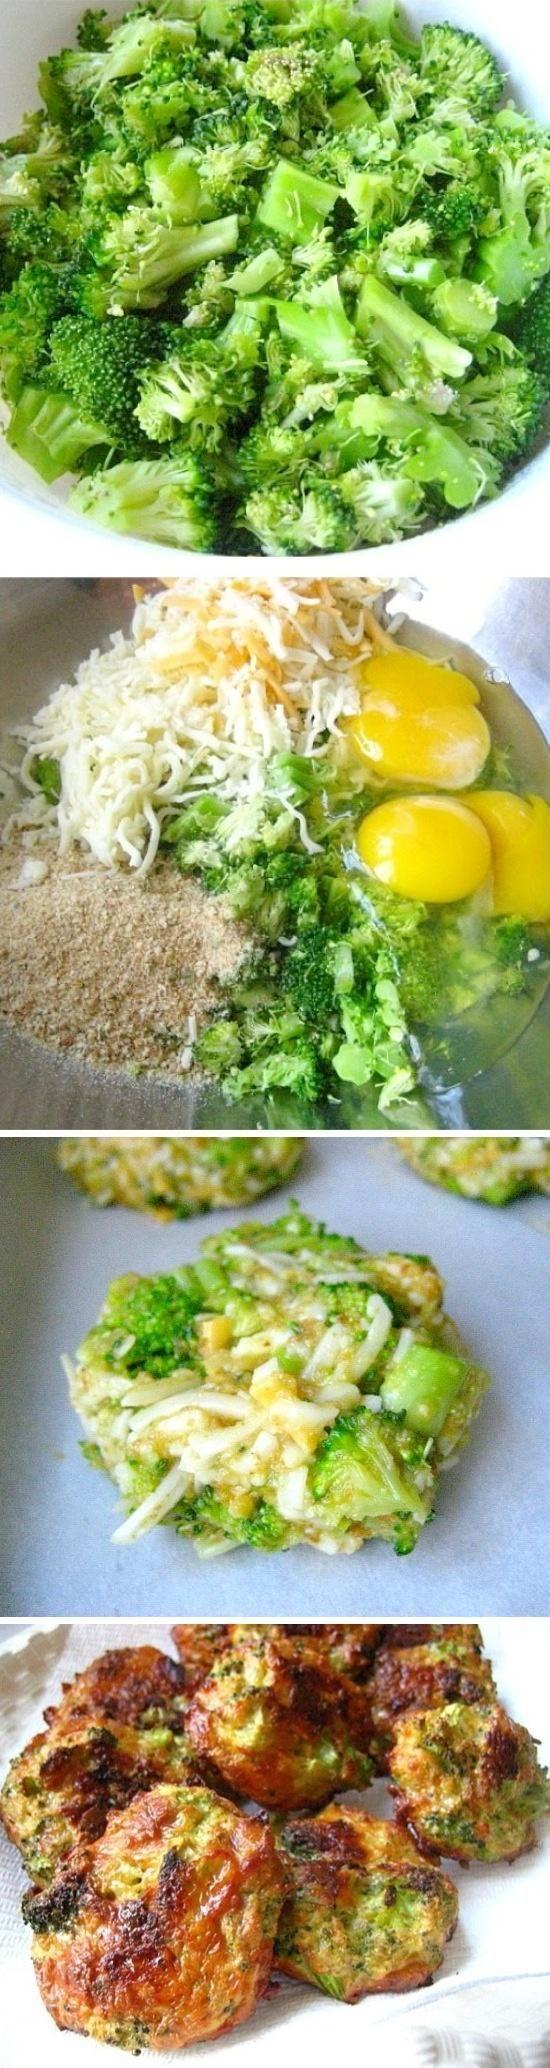 [Receta] Aprende a hacer Bocados de queso y brócoli, fáciles y saludables (vía http://www.bgvj.info/broccoli-chees-bites/)